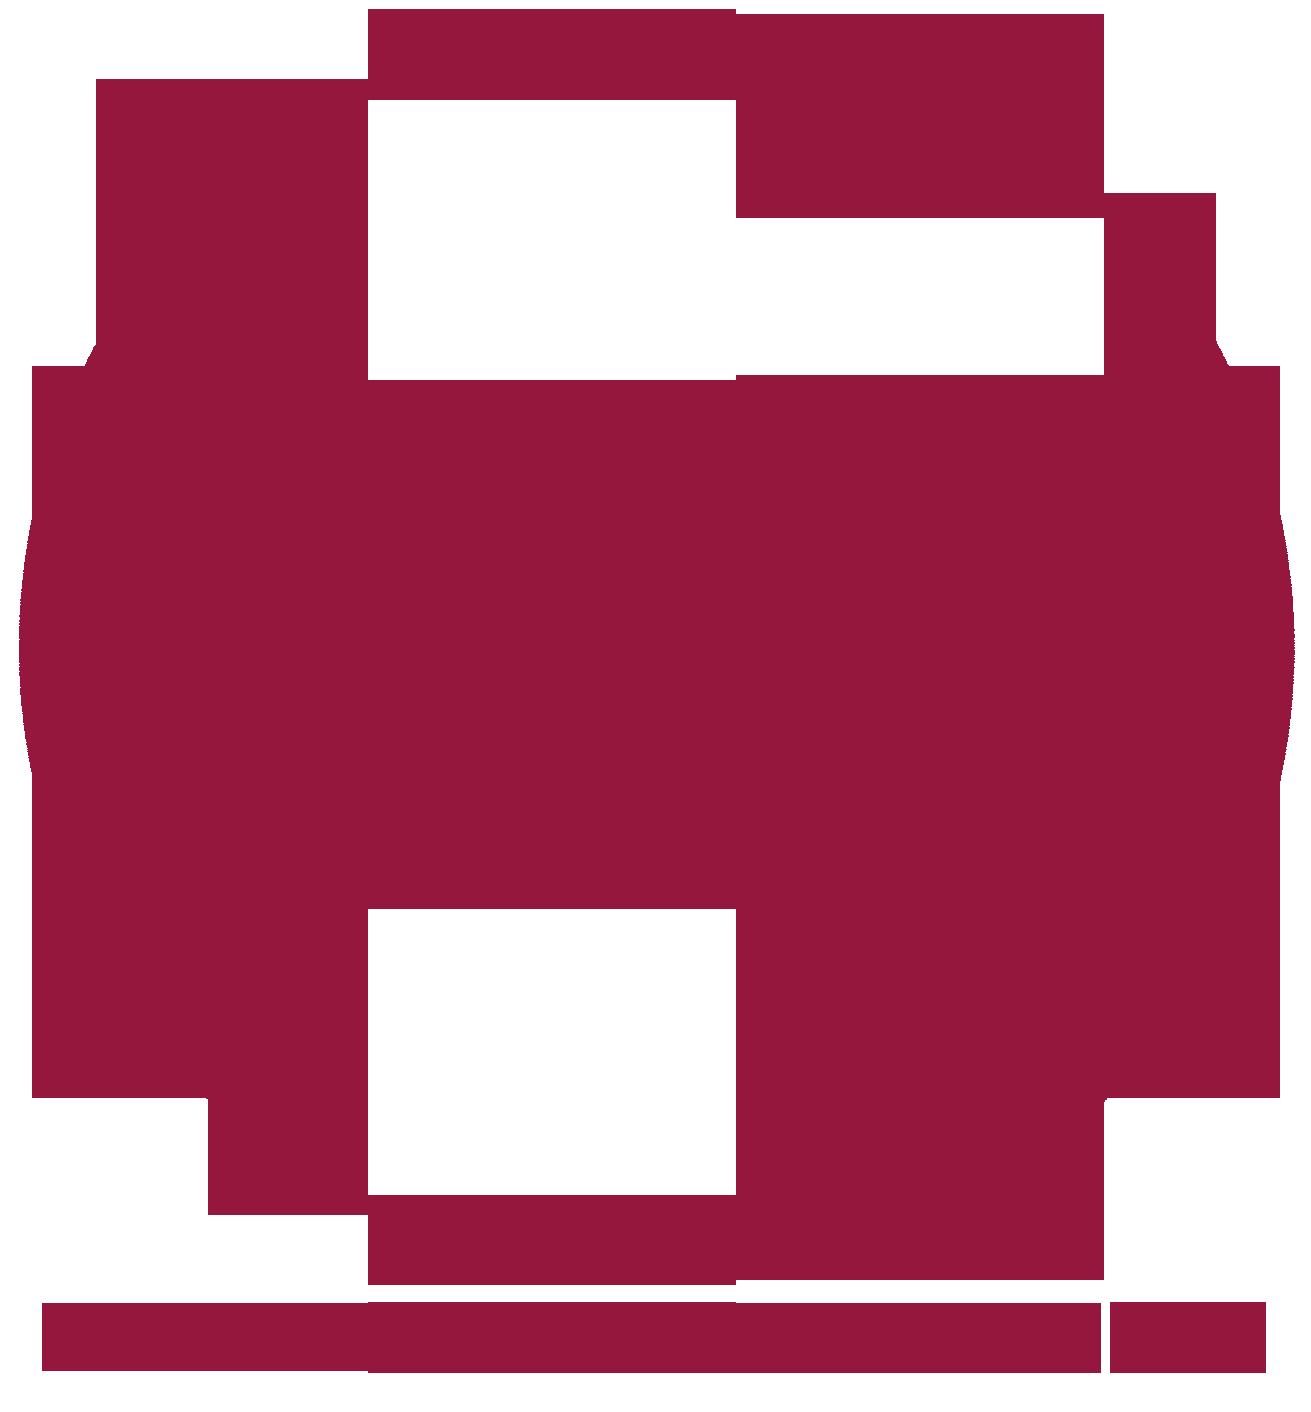 Vereinigung Alte Musik